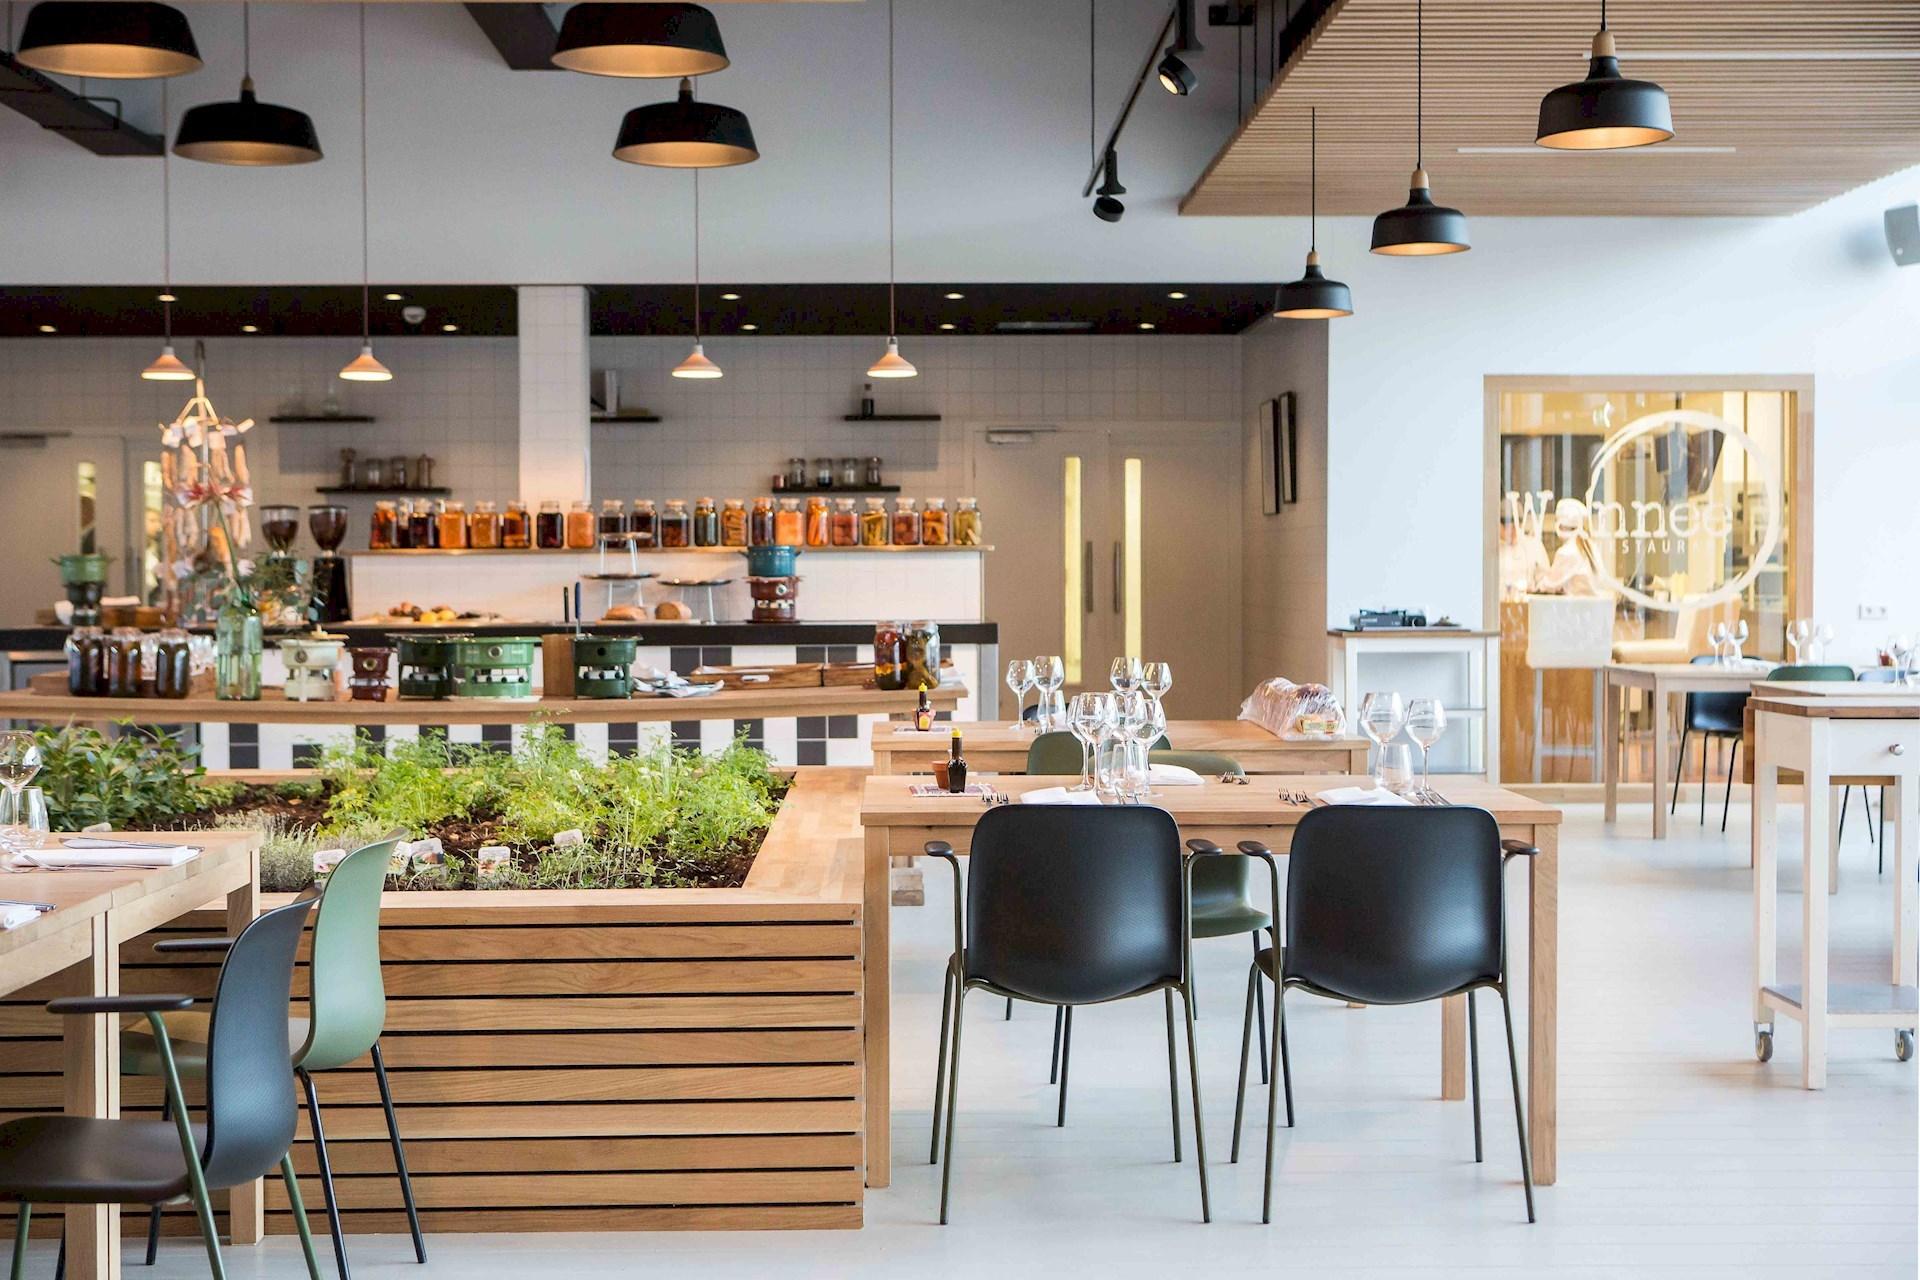 Eten en drinken in Leeuwarden: Restaurant Wannee